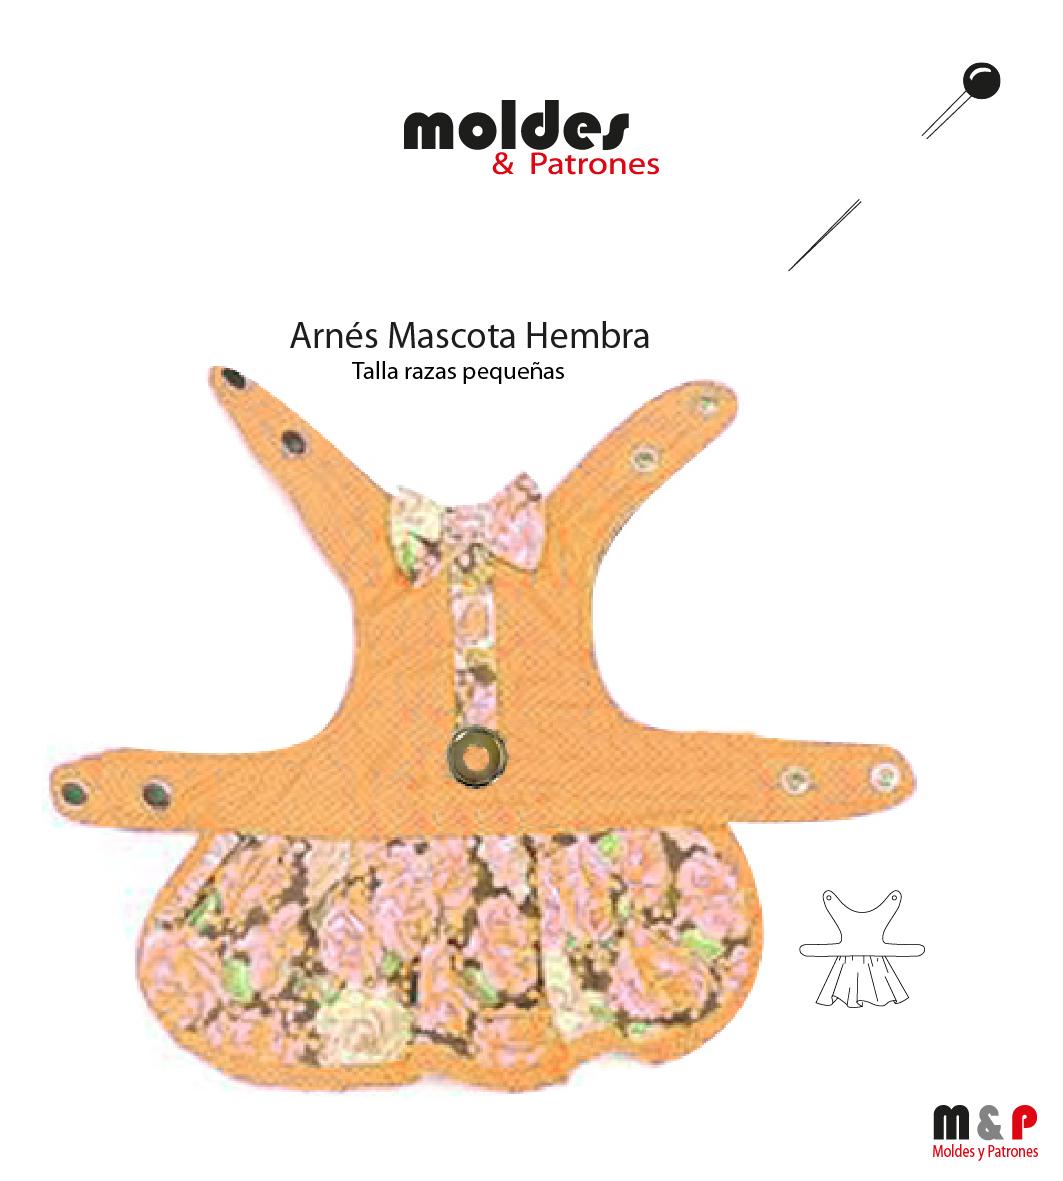 Arnés Mascota hembra